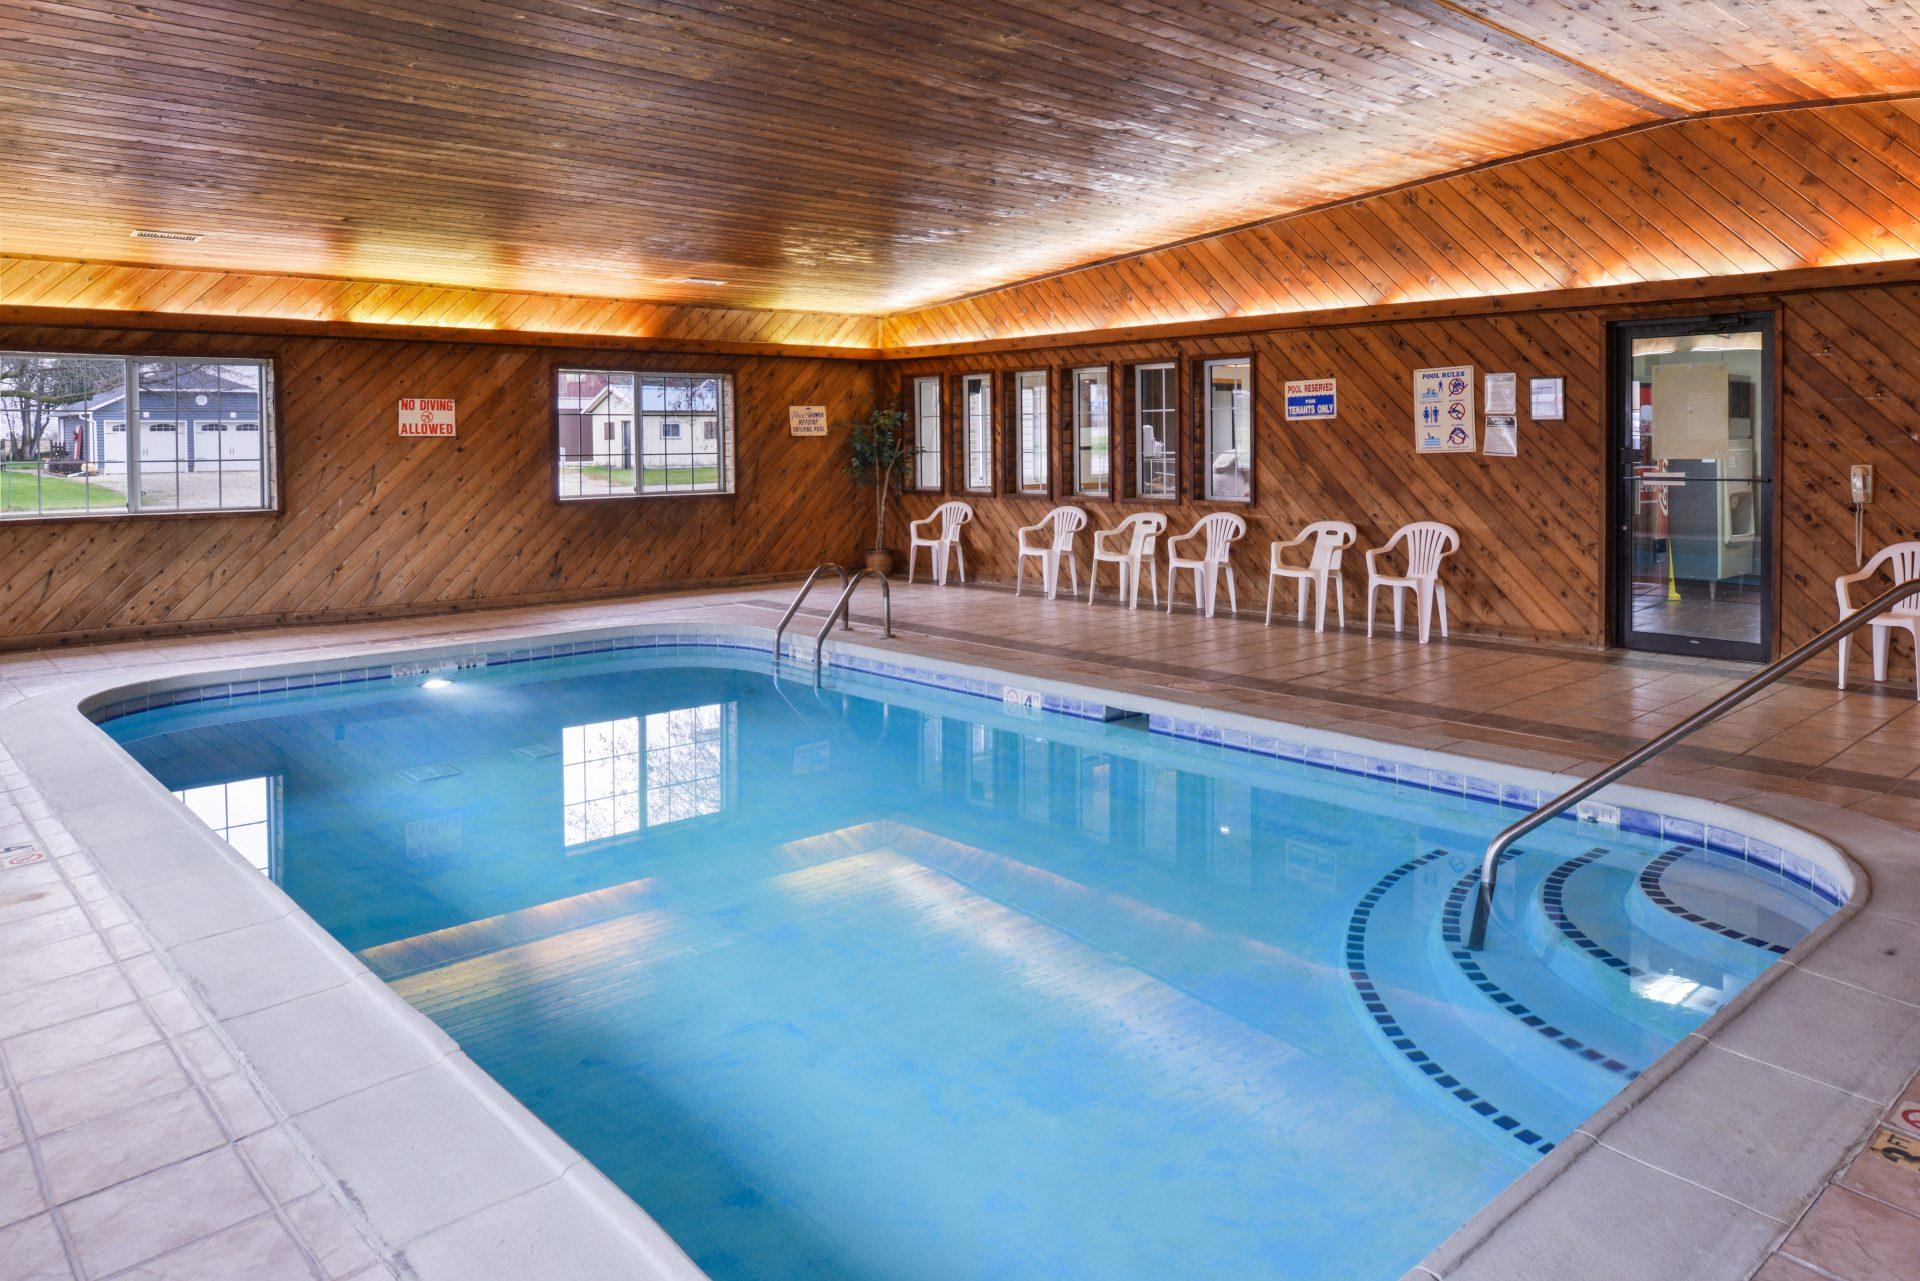 Americas Best Value Inn Geneseo - Indoor Pool